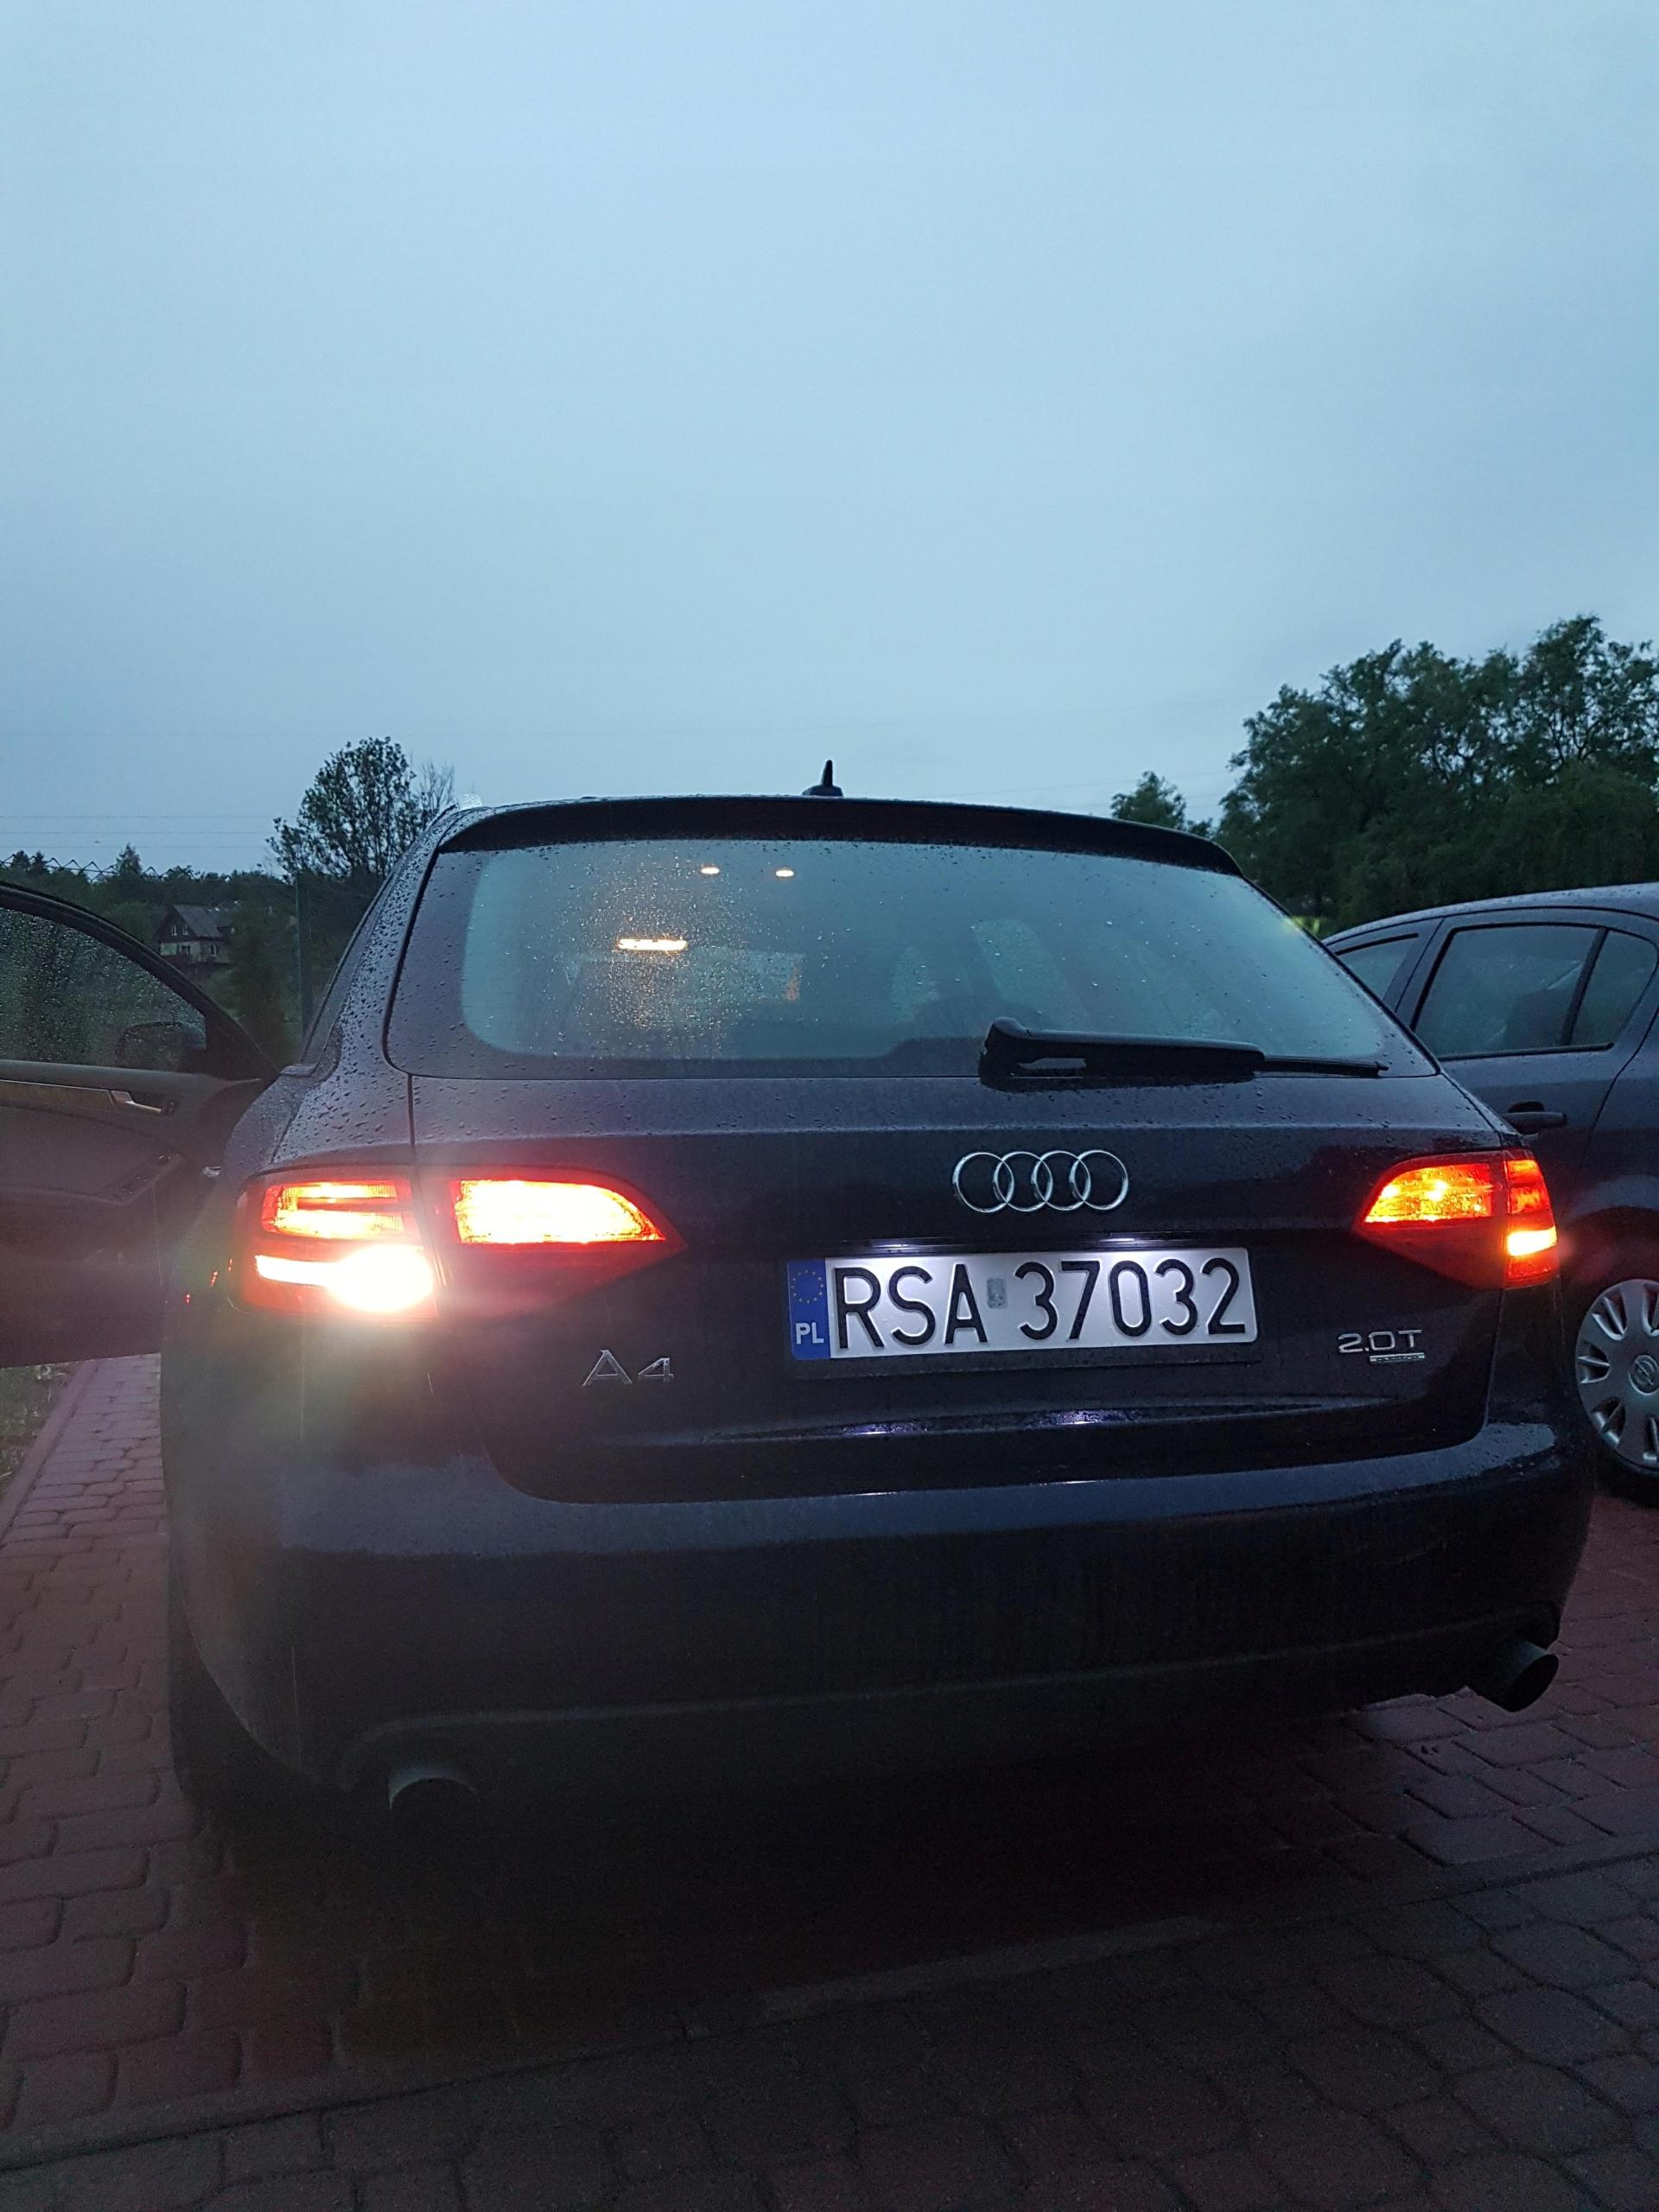 Żarówki LED - Światła Wsteczne W16W/T10 - CanBus Zastosowanie światła pozycyjne światła cofania wnętrze samochodu